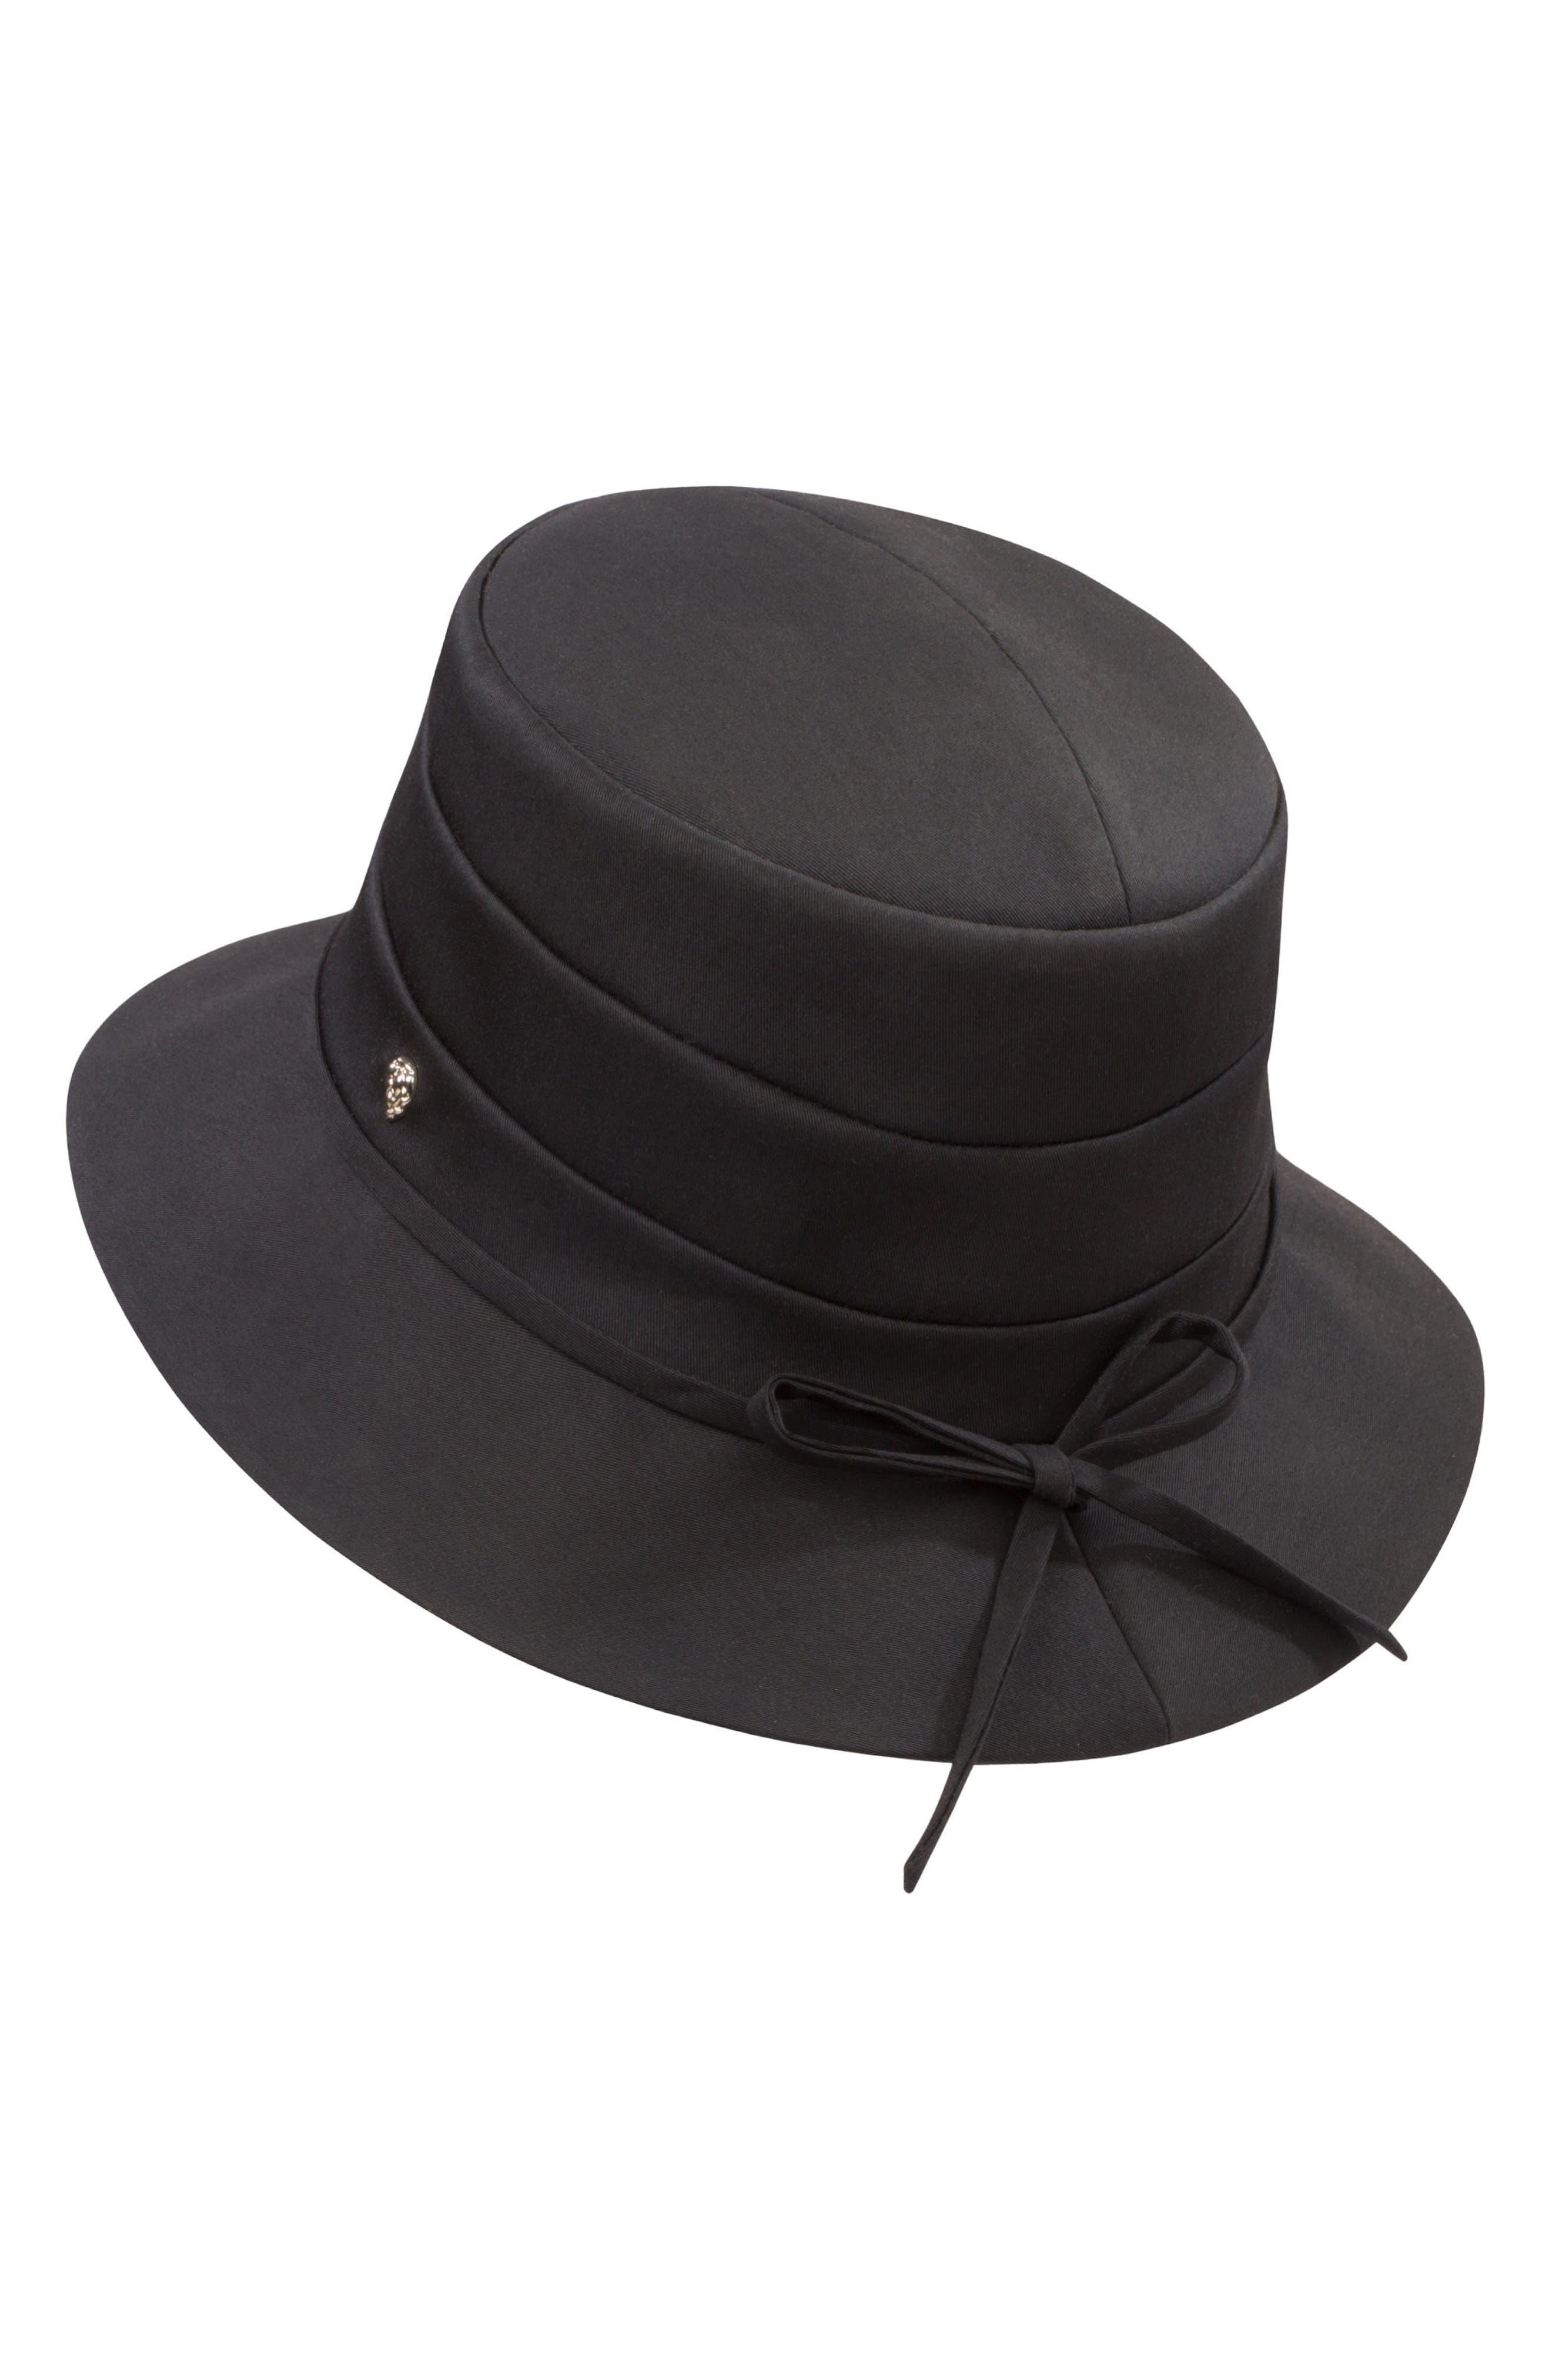 Medium Brim Water-Resistant Hat,                             Alternate thumbnail 2, color,                             Black